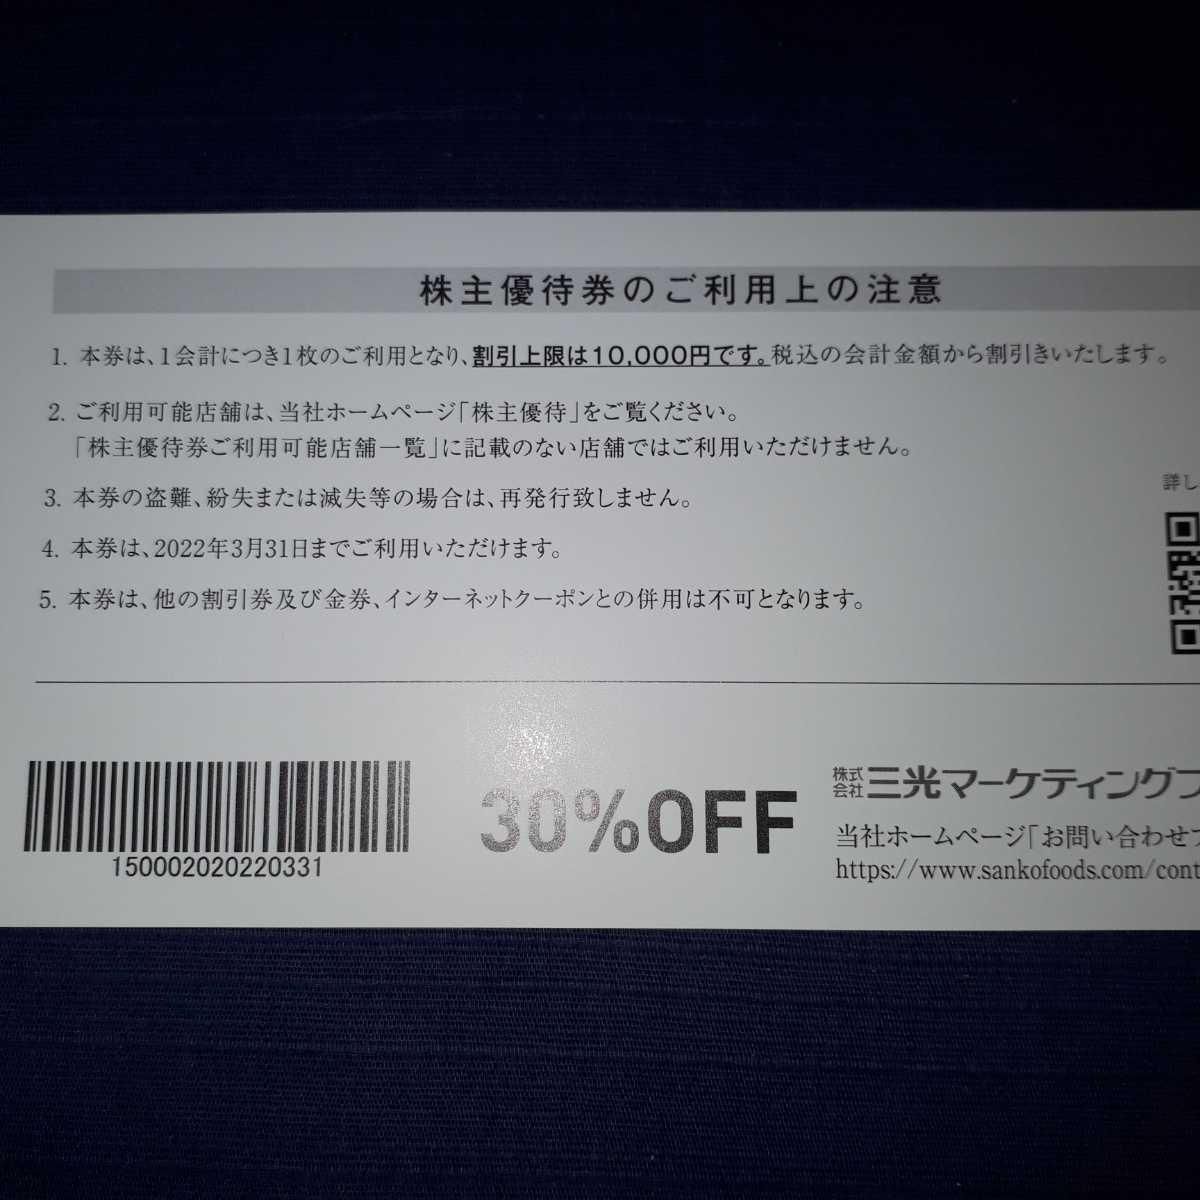 三光マーケティングフーズ株主ご優待券 4枚有効期限2022年3月31日 送料63円 C_画像3